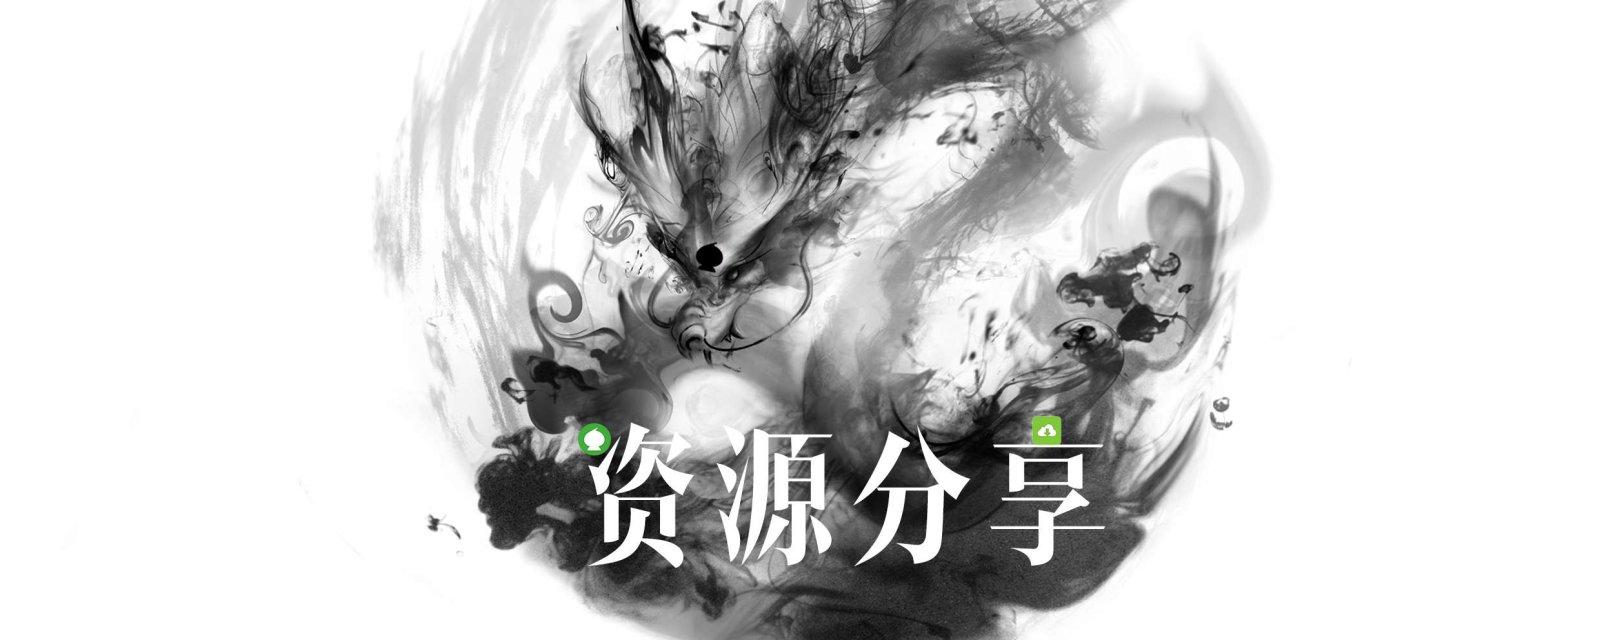 【绿色】小侠影视①无广告②超清版③网速快